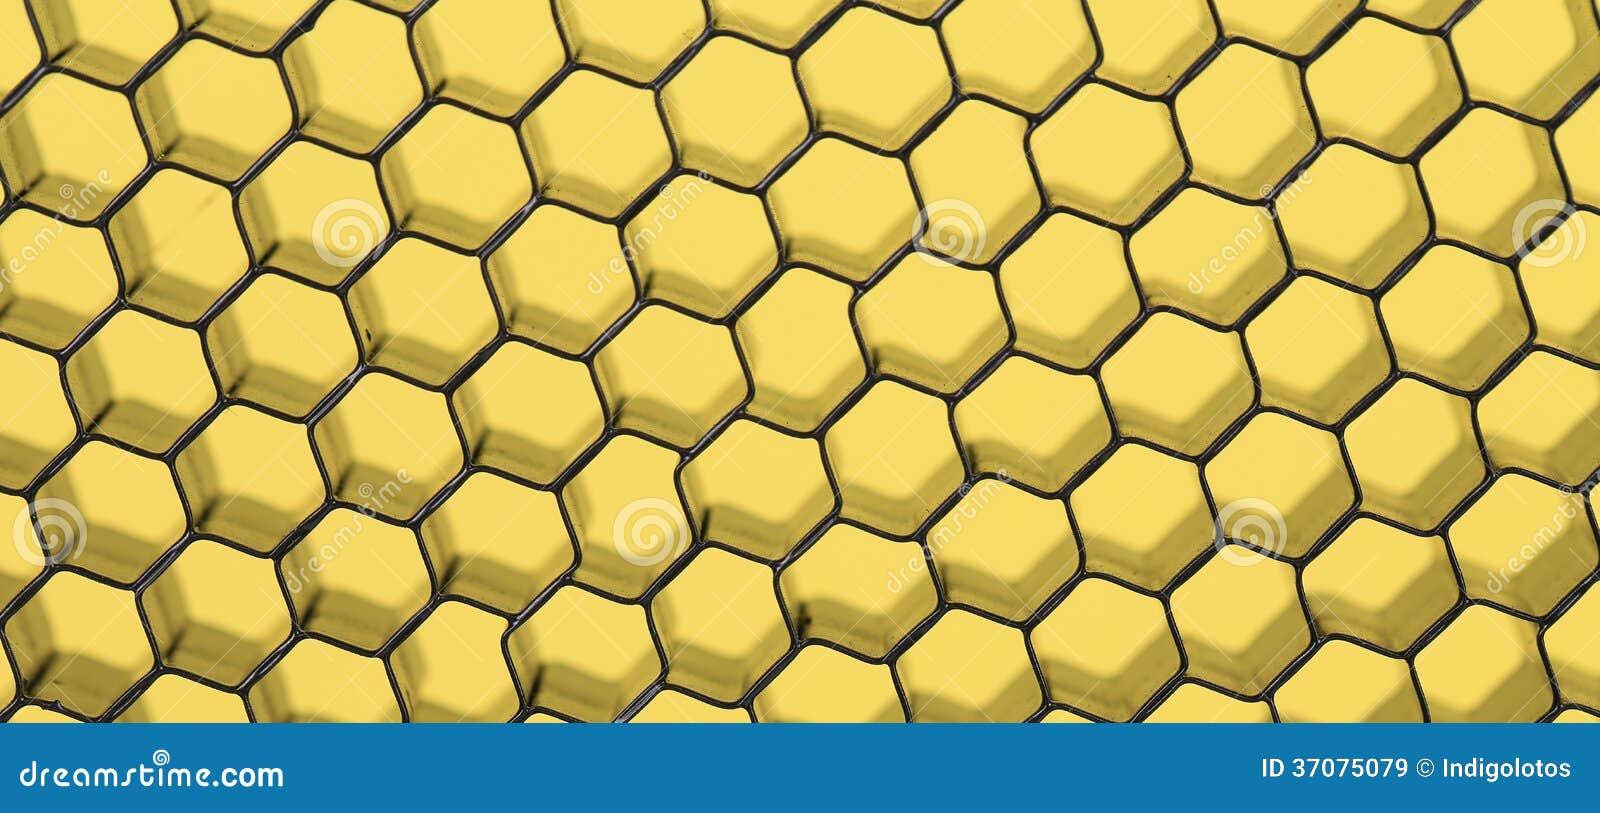 Download Zamyka Up Czerni Sieć. Żółty światło. Ilustracji - Ilustracja złożonej z tło, sieć: 37075079